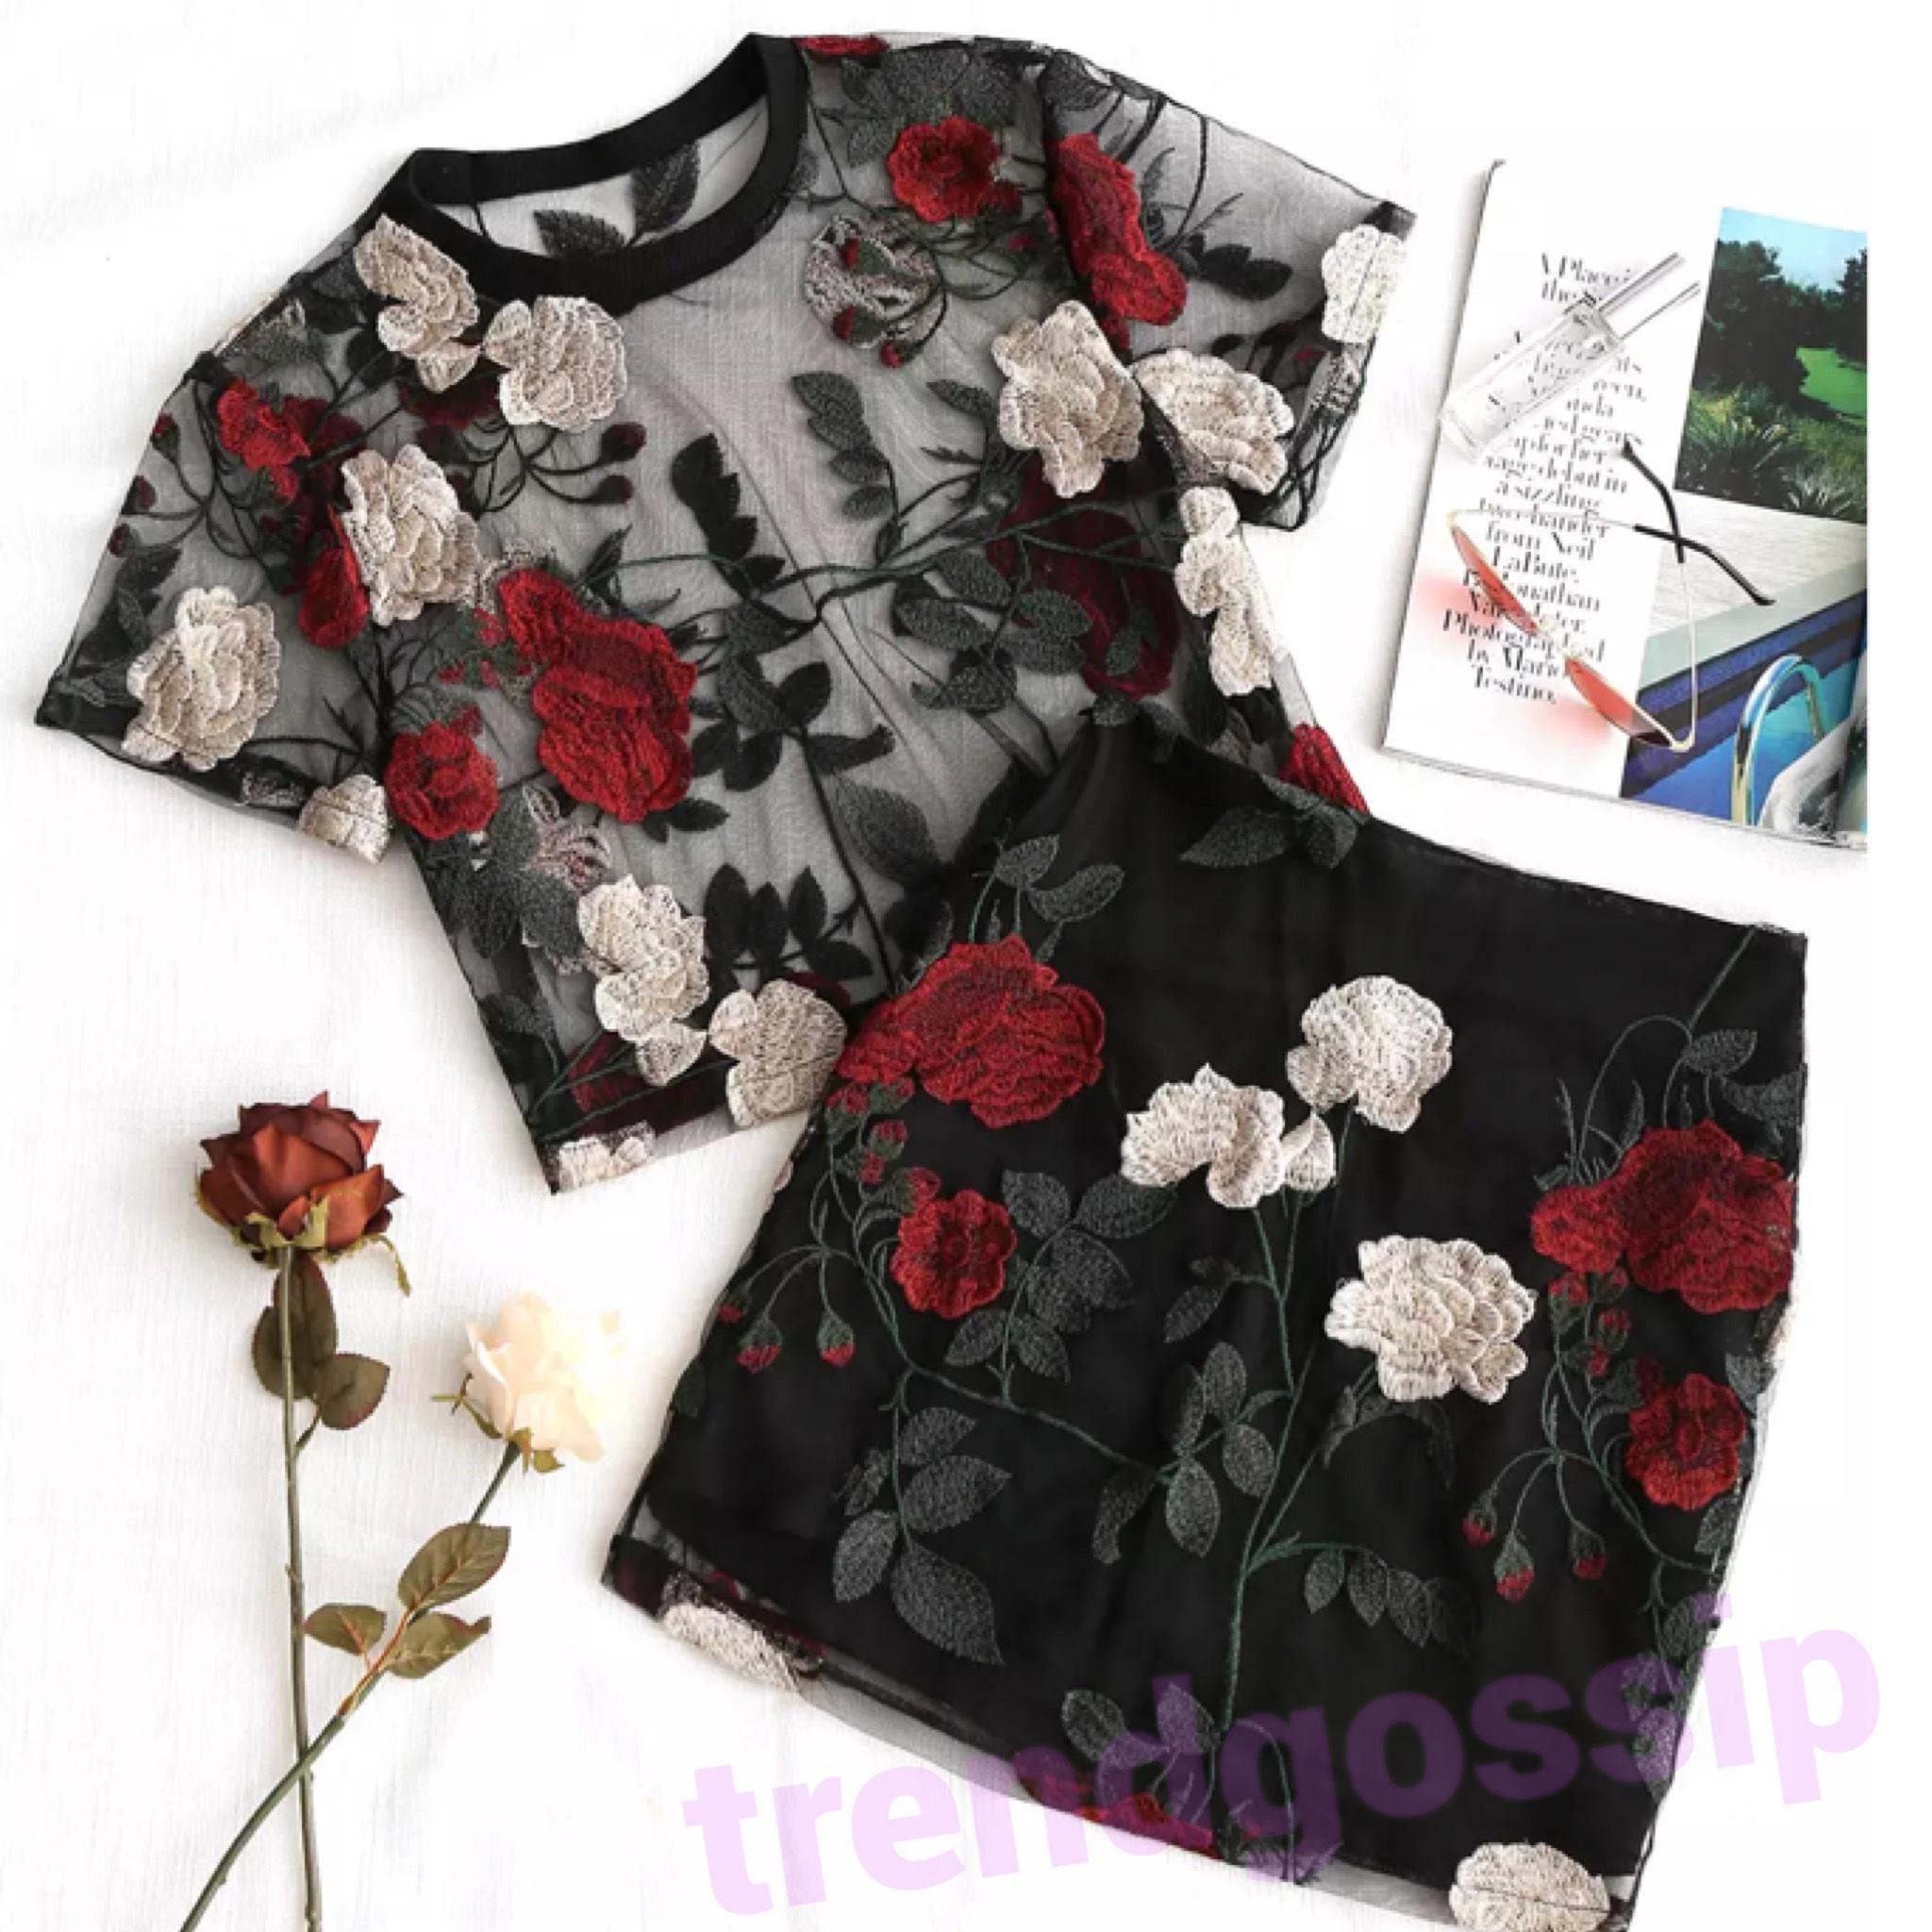 ローズ刺繍シースルースカートセットアップ/S.M.L/SS